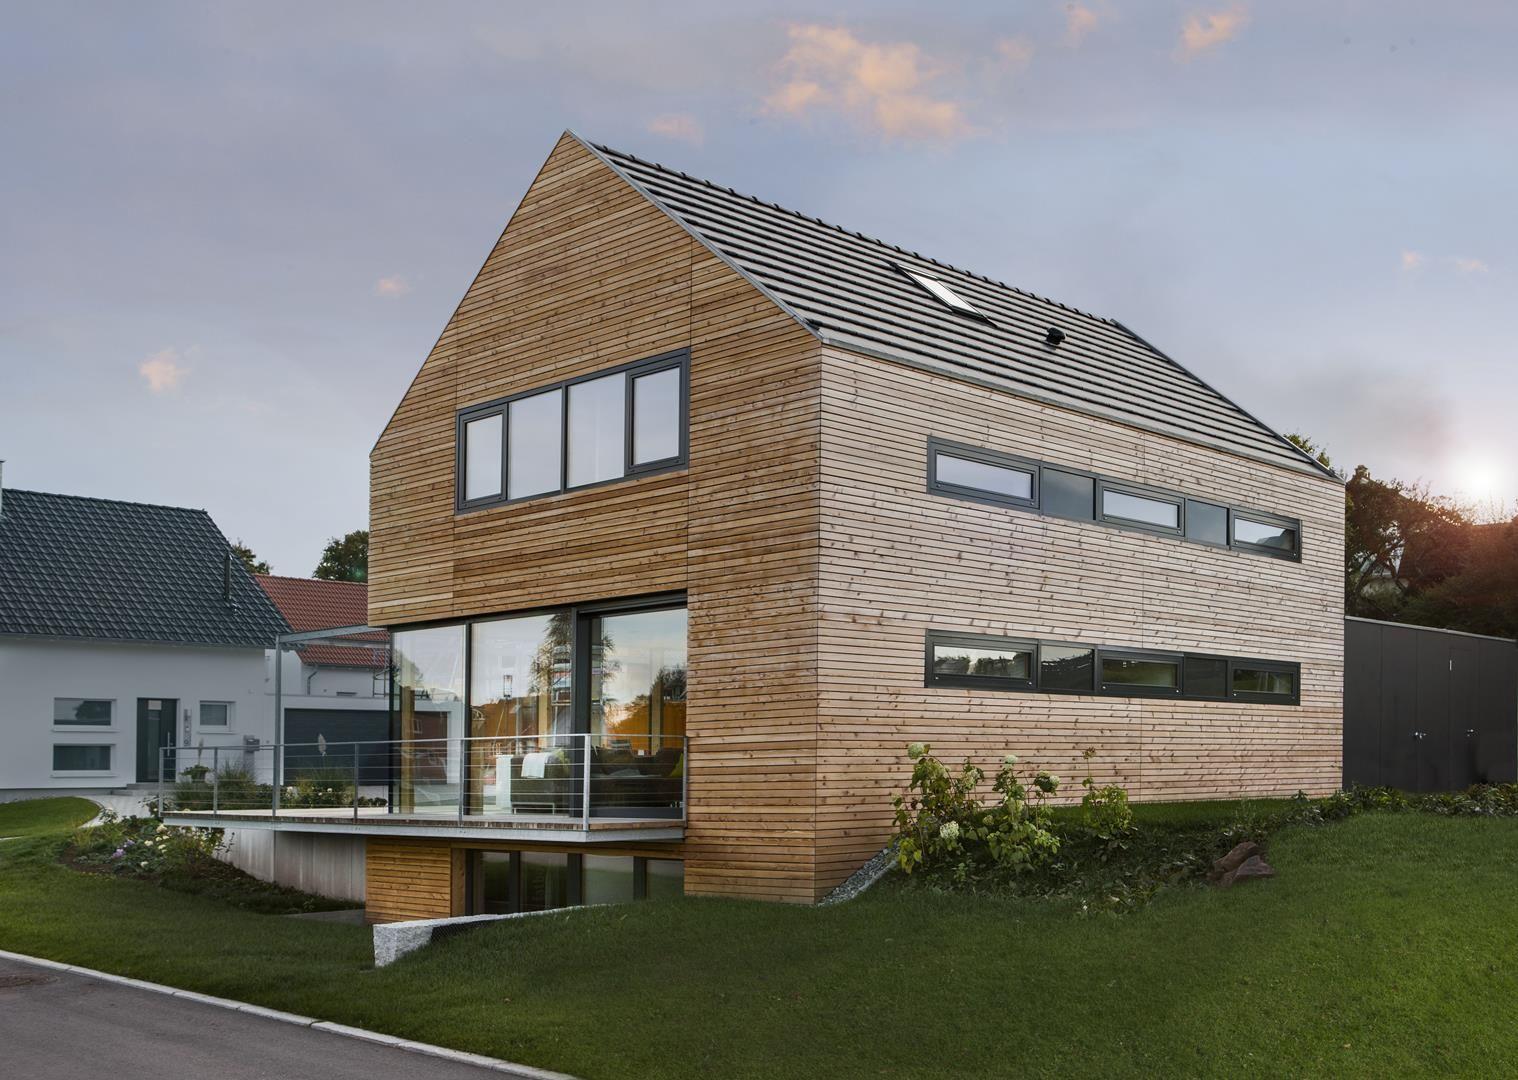 Holzhäuser werner ettwein gmbh